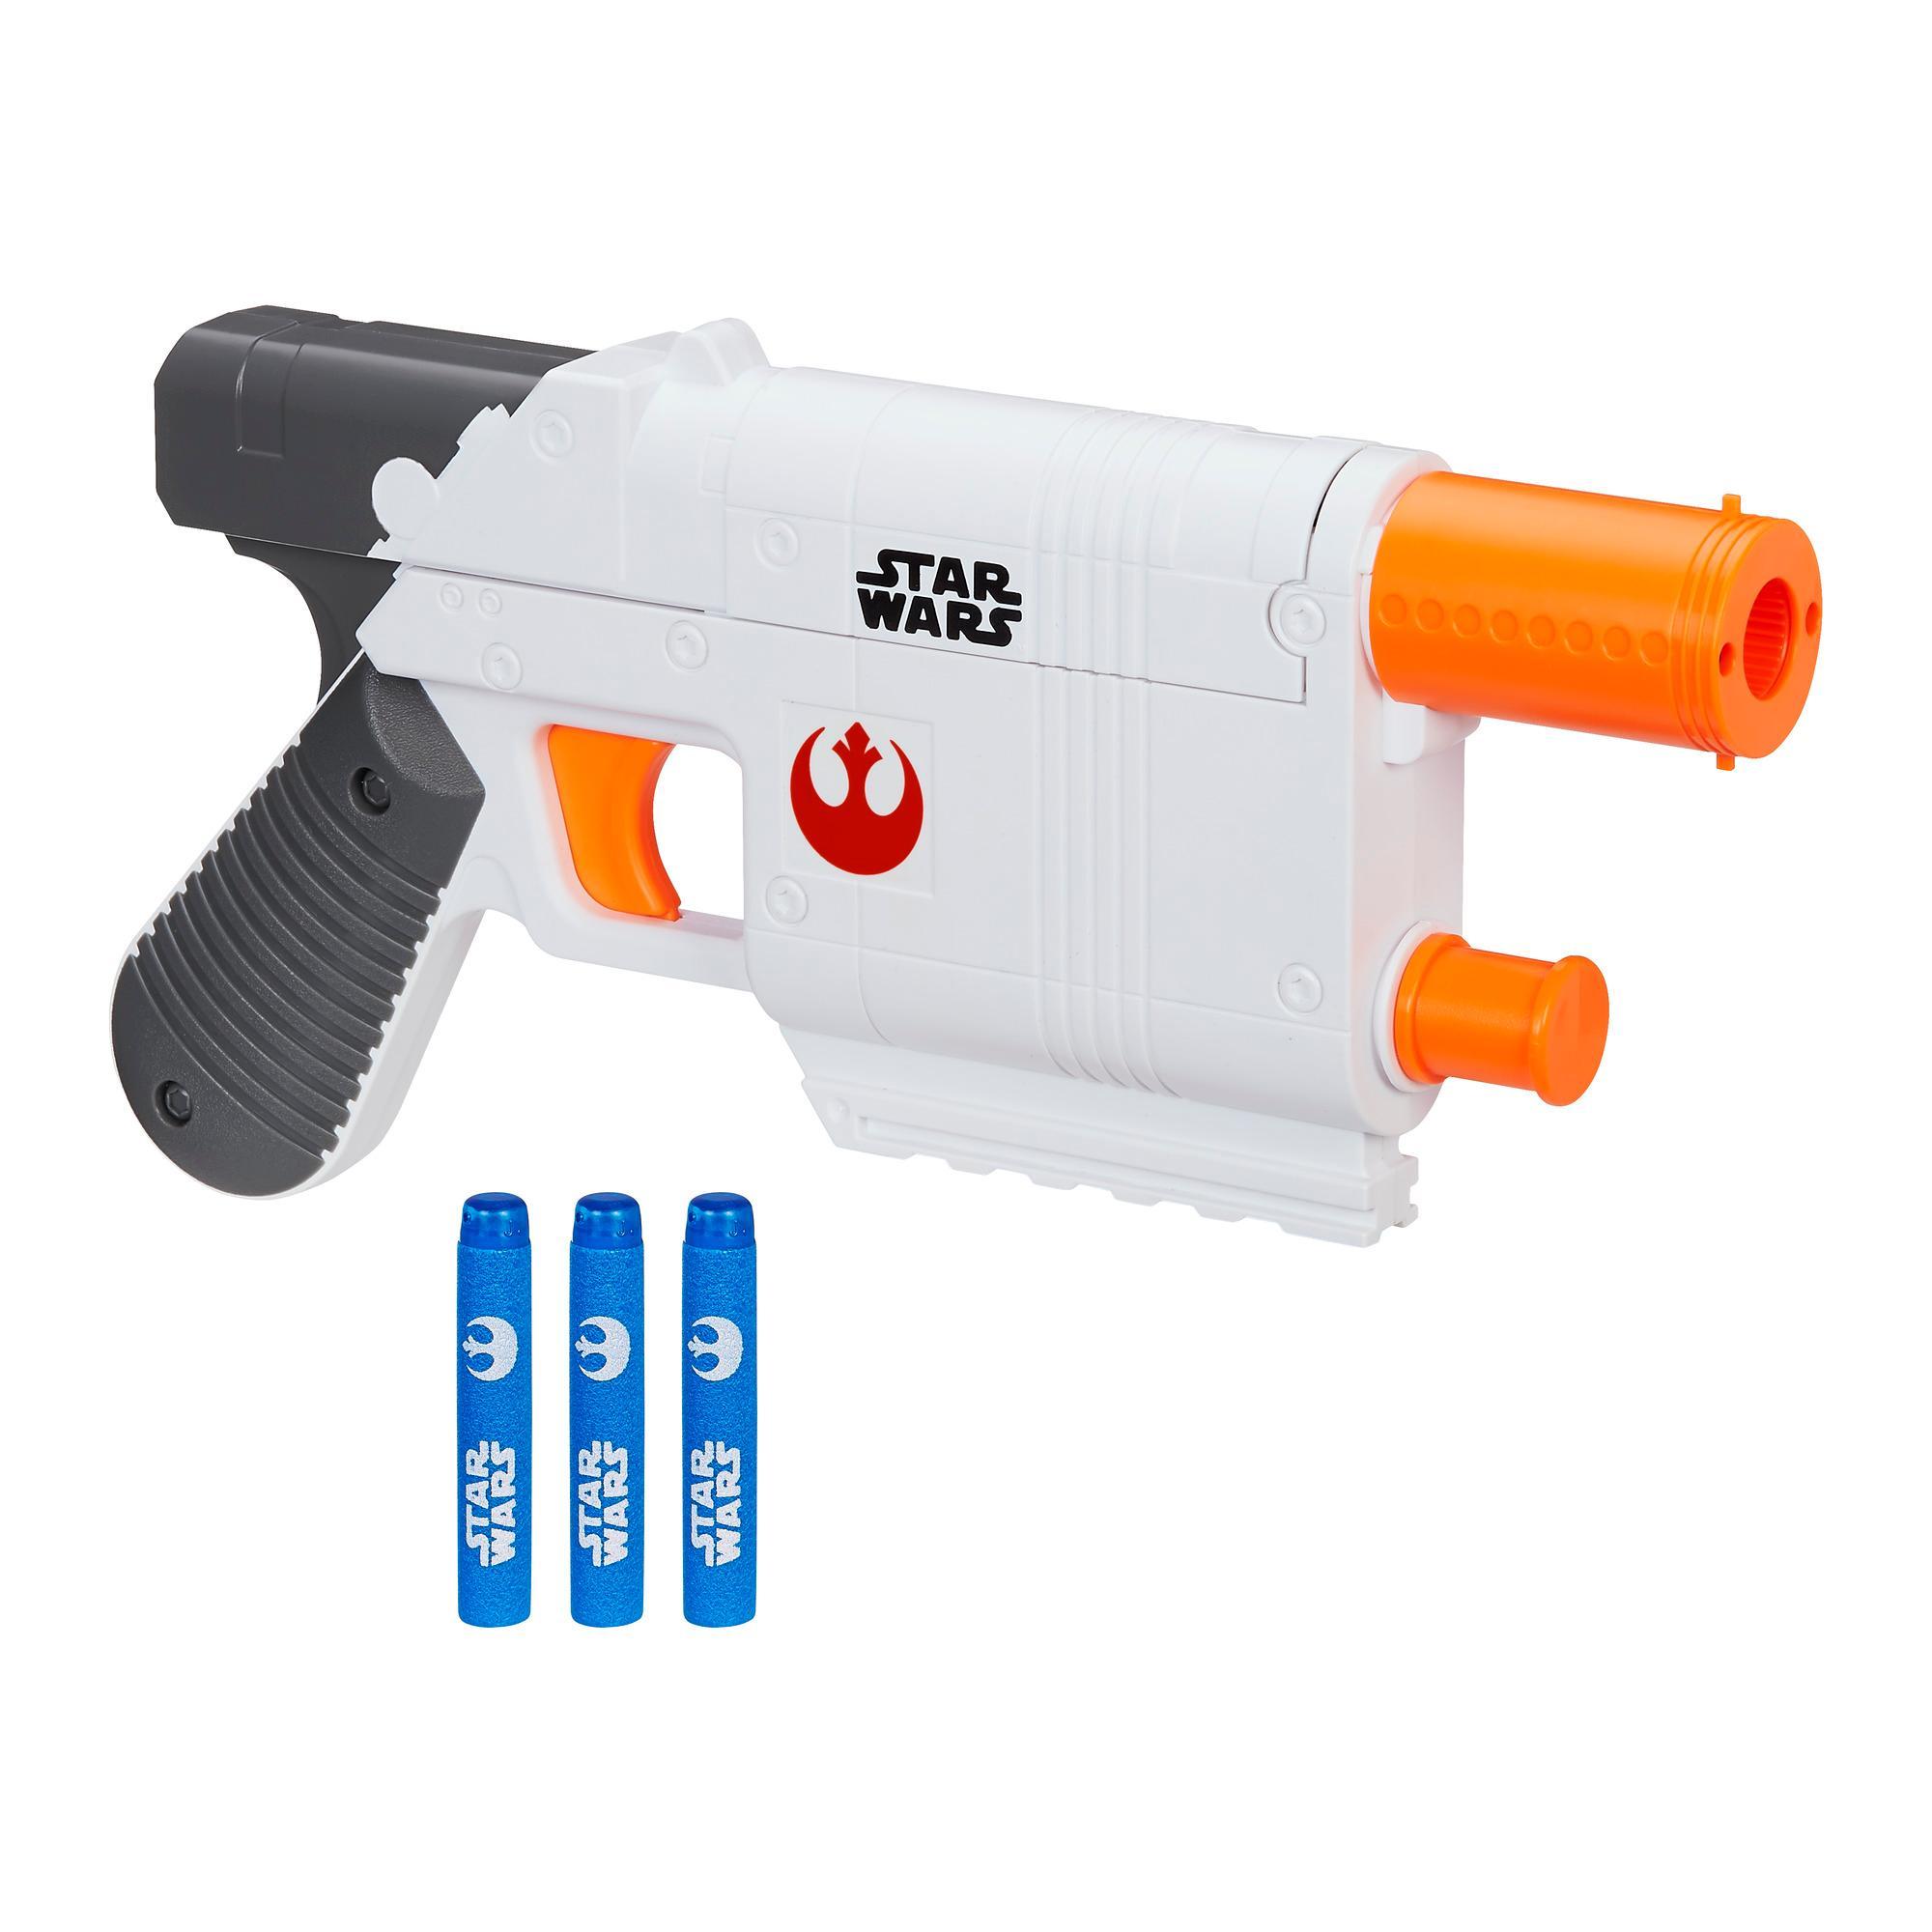 Star Wars Nerf Rey (Island Journey) Blaster